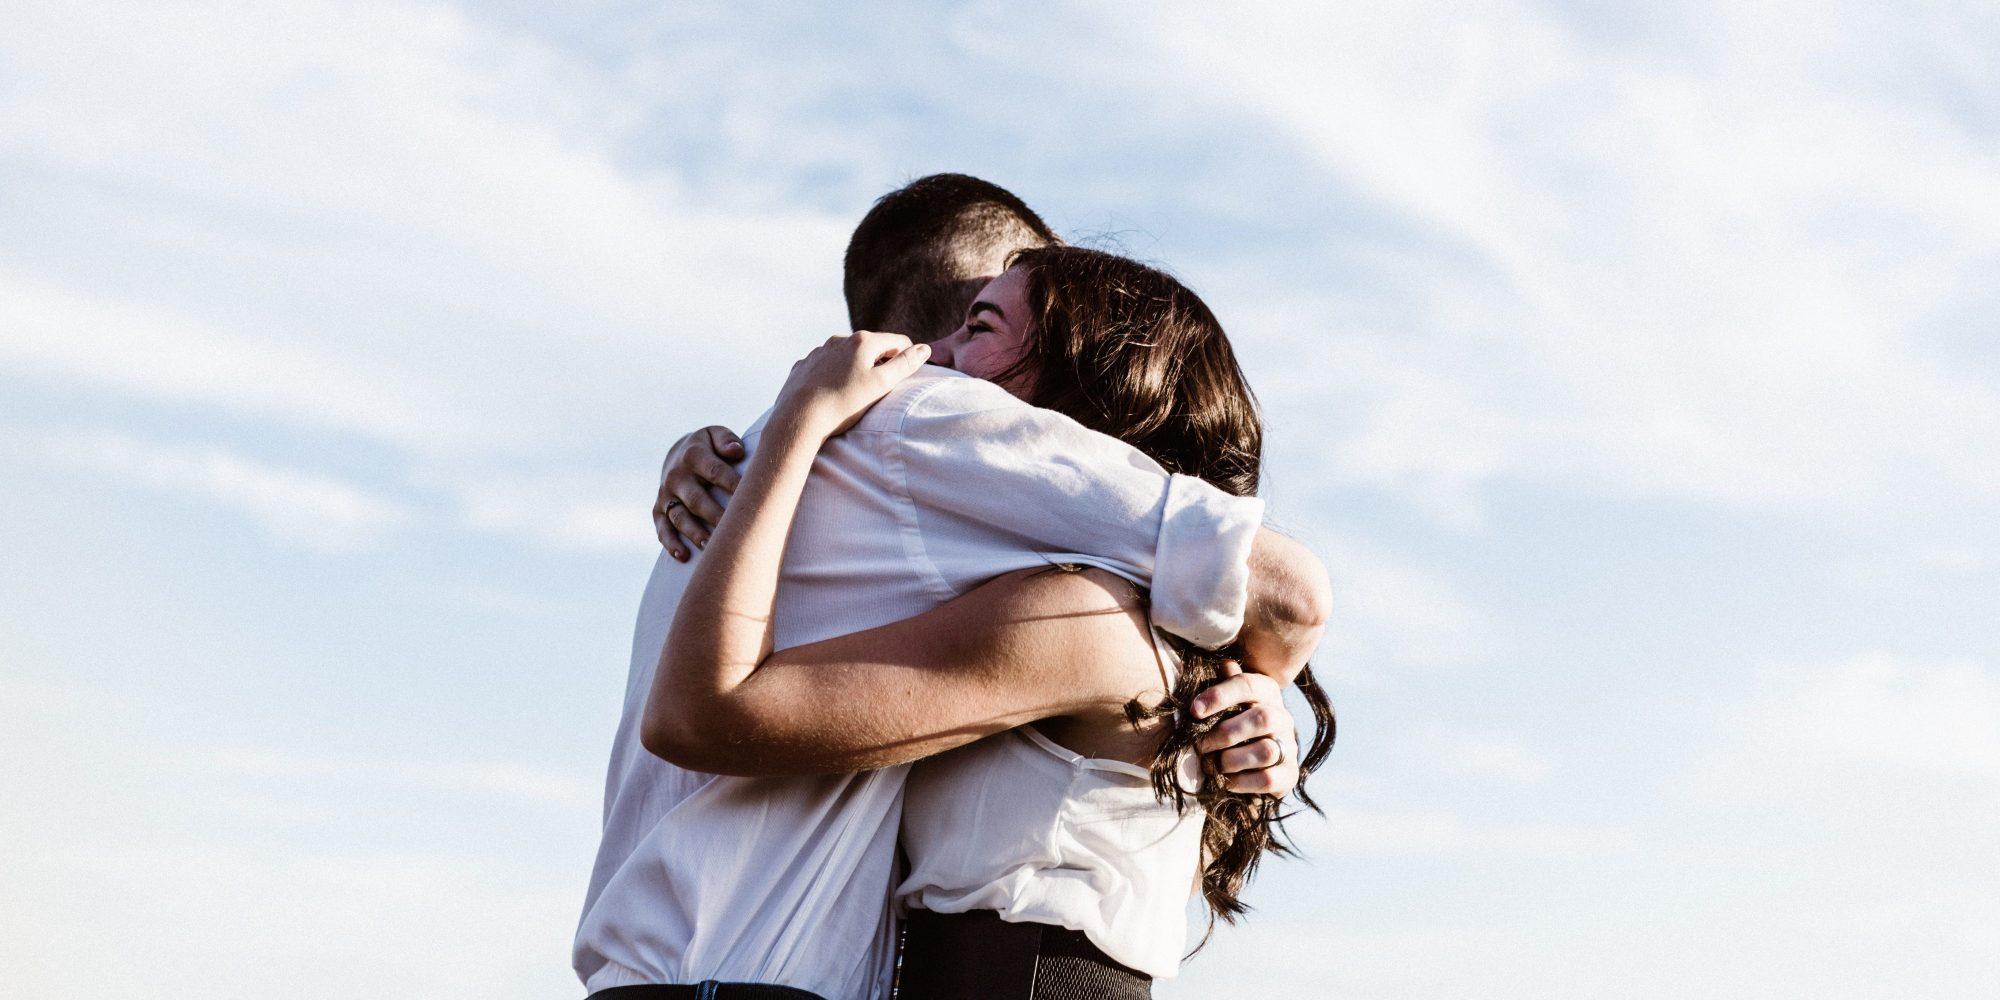 Μήπως σαμποτάρεις τις σχέσεις σου; Η ψυχολόγος απαντά H Ειρήνη Γεωργίου, MSc.,Ψυχοθεραπεύτρια Gestalt αποκαλύπτει τα σημάδια που μαρτυρούν ότι πιθανώς εμείς οι ίδιοι είμαστε σαμποτέρ των σχέσεων μας.